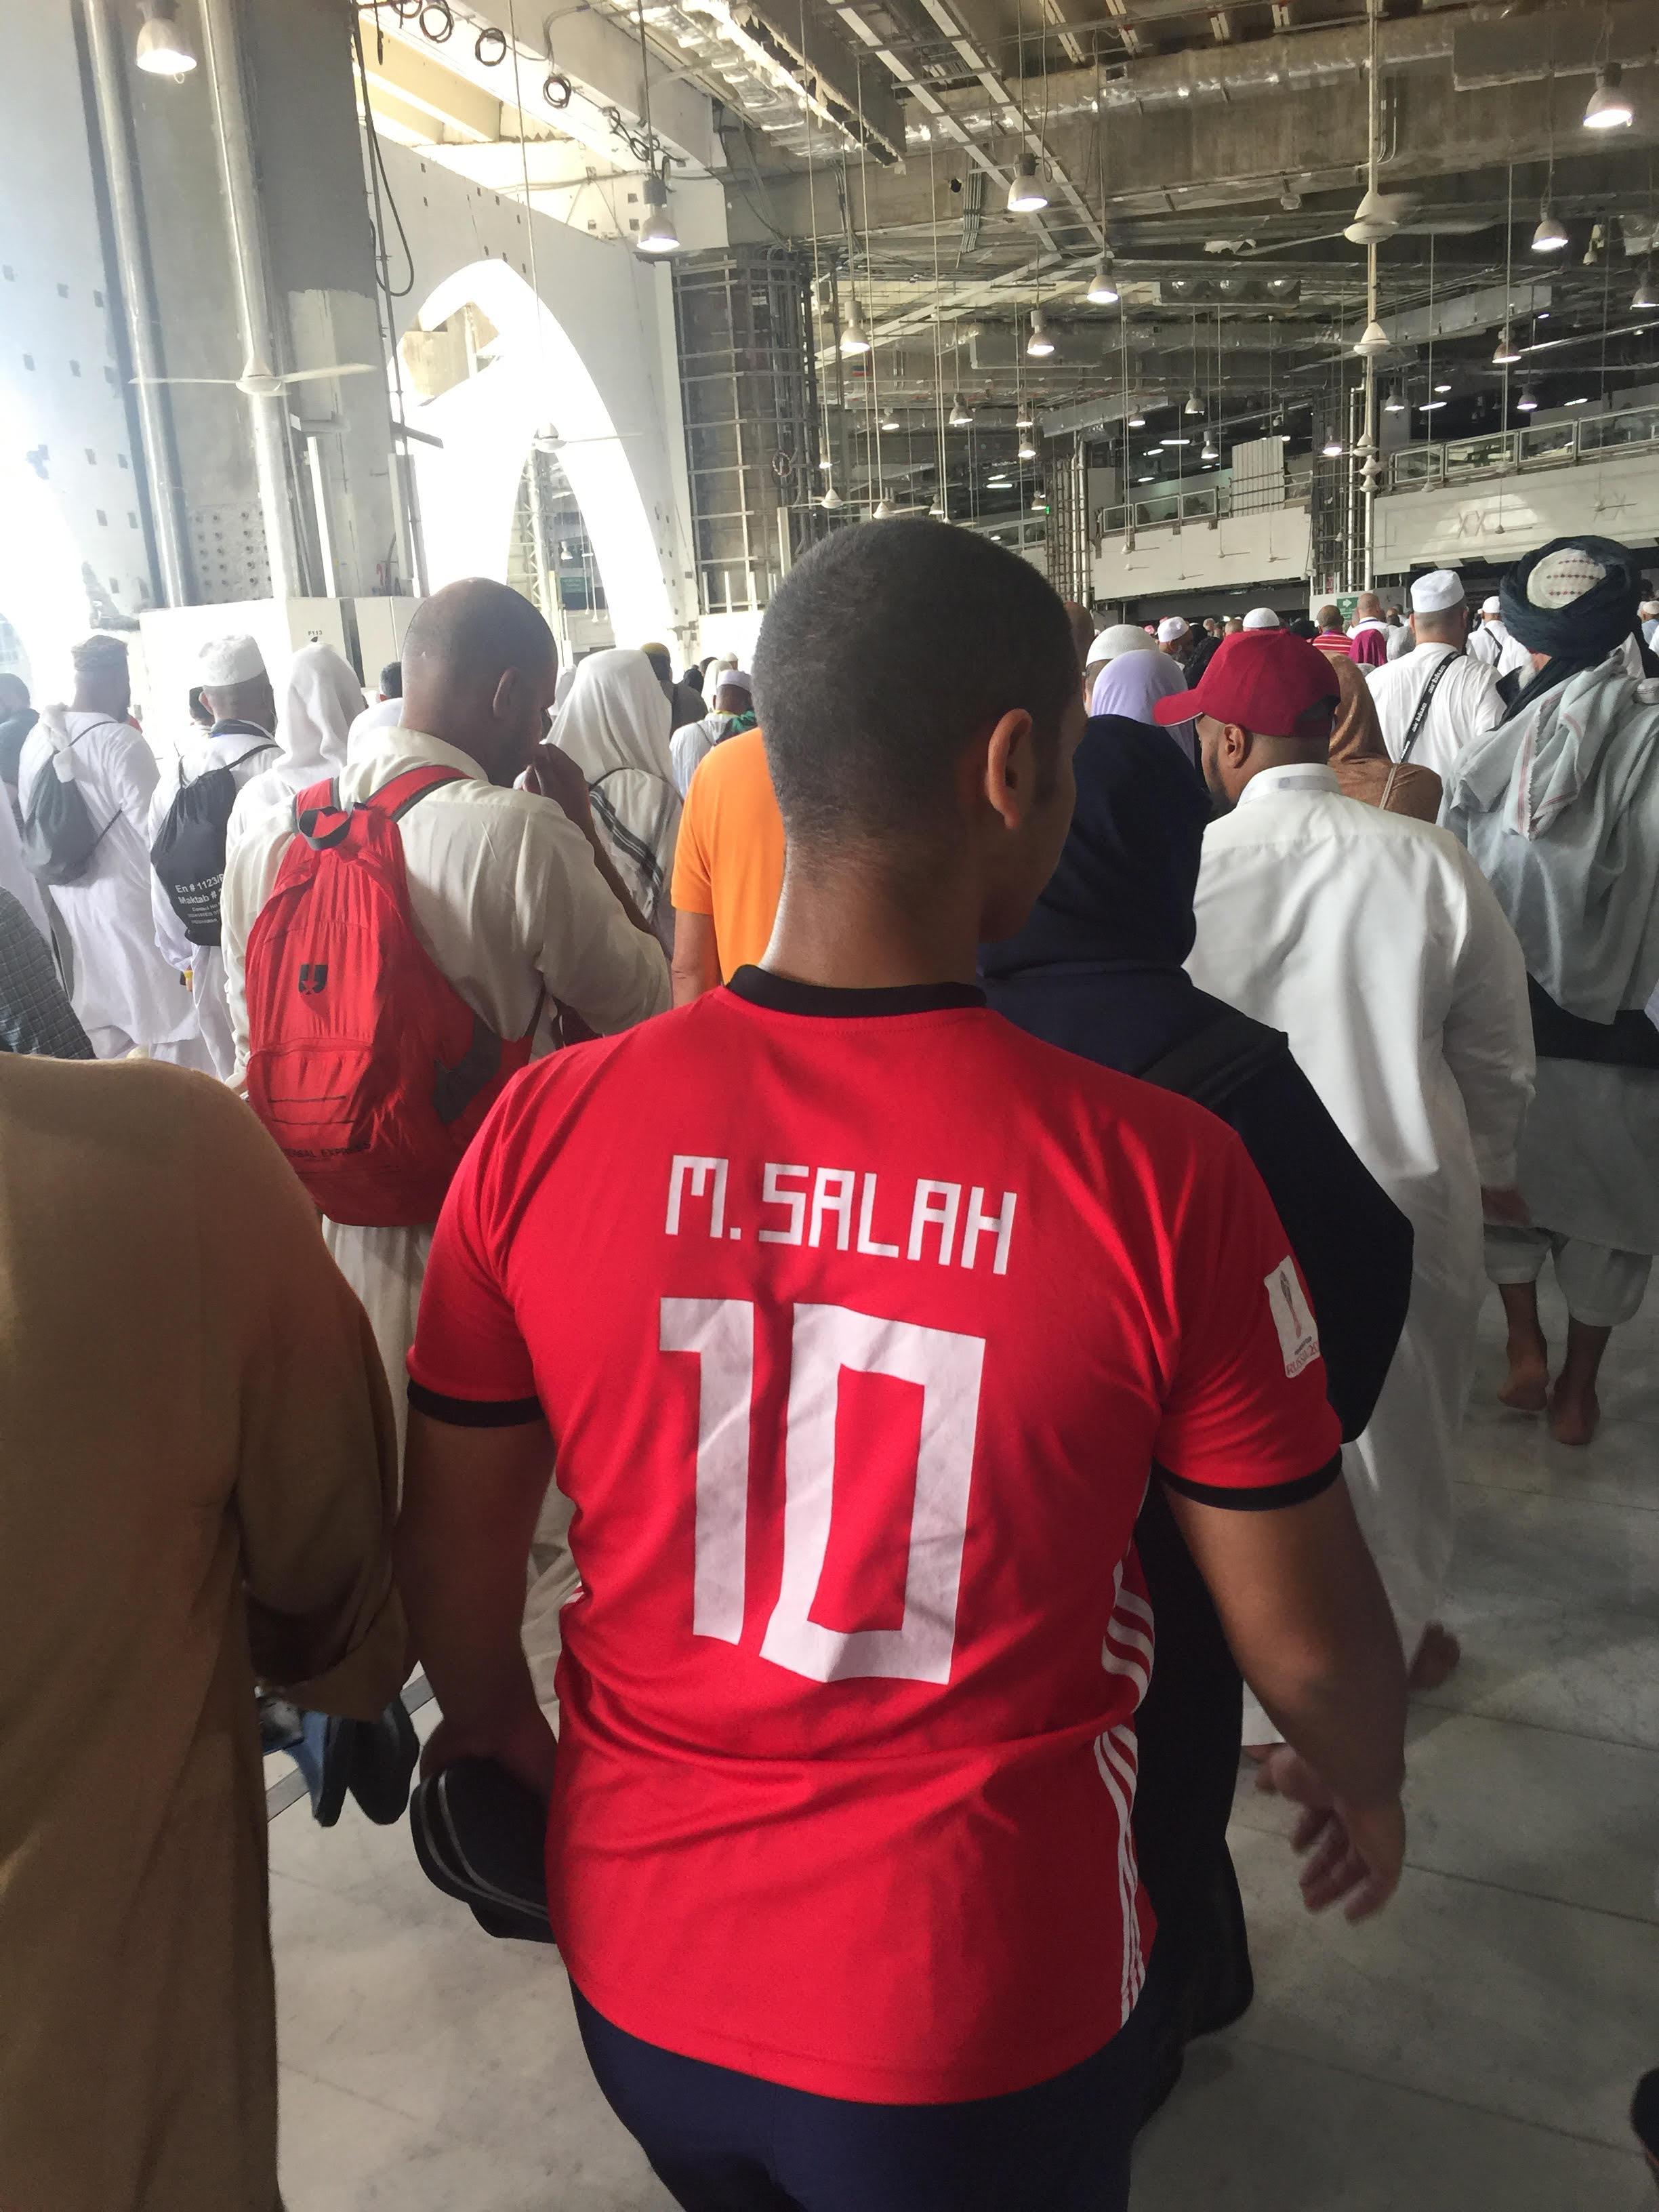 شاب يرتدي تيشيرت محمد صلاح